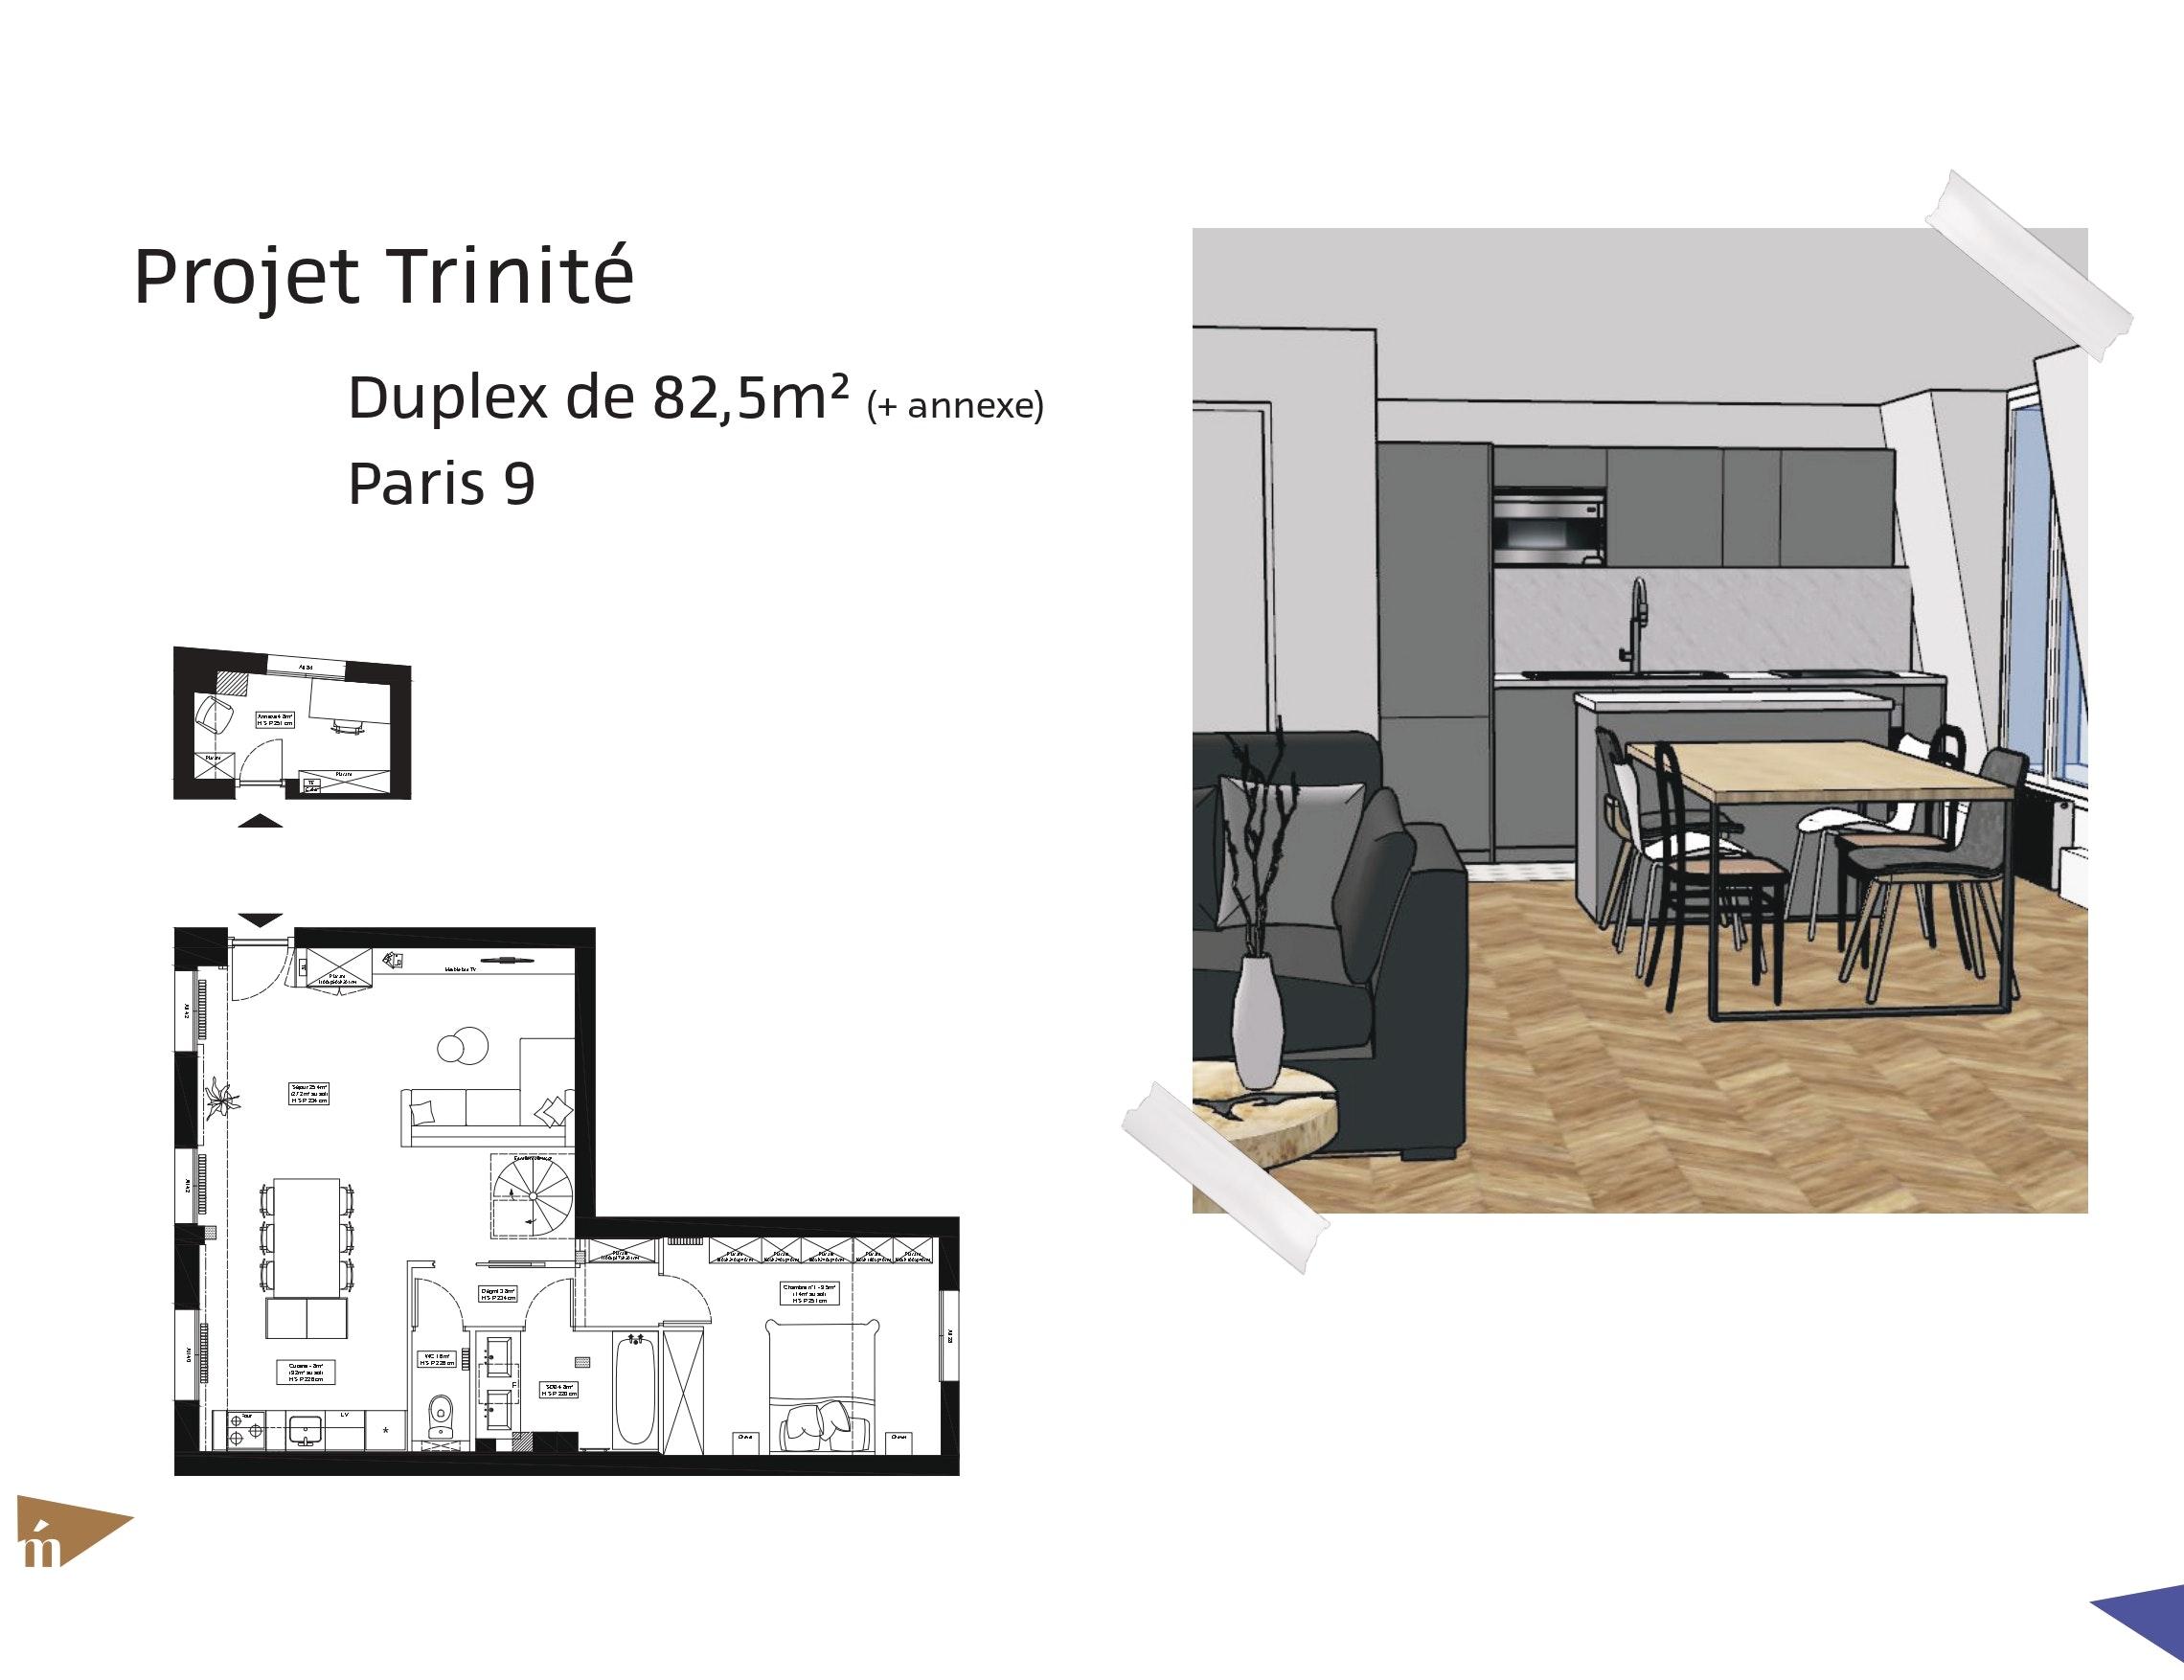 photo Projet Trinité - Duplex de 82,5m² / Annexe de 4,8m² - Paris 9 Léa Mast - Architecte hemea